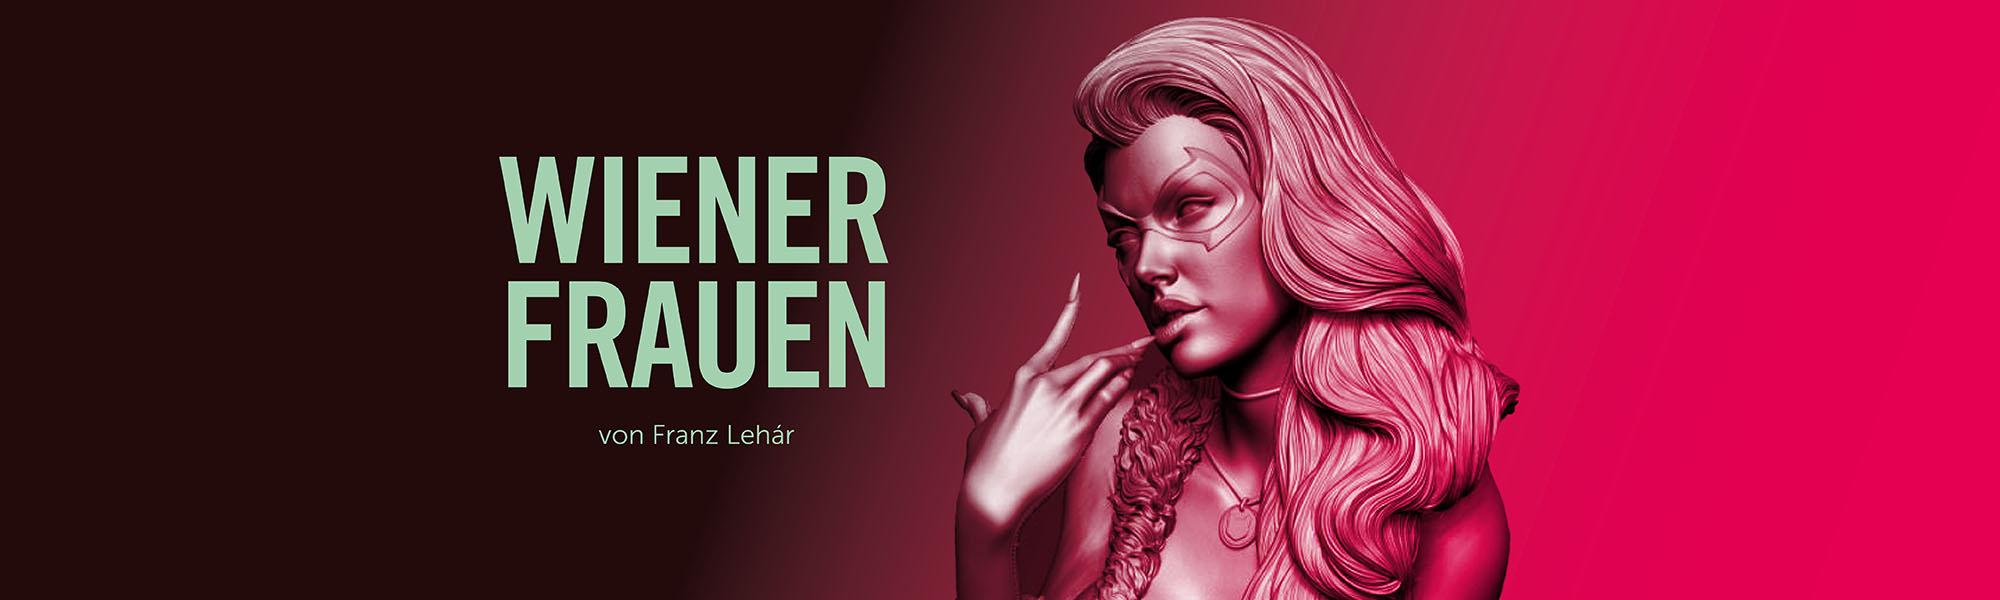 Wiener Frauen 2022 (Slider)